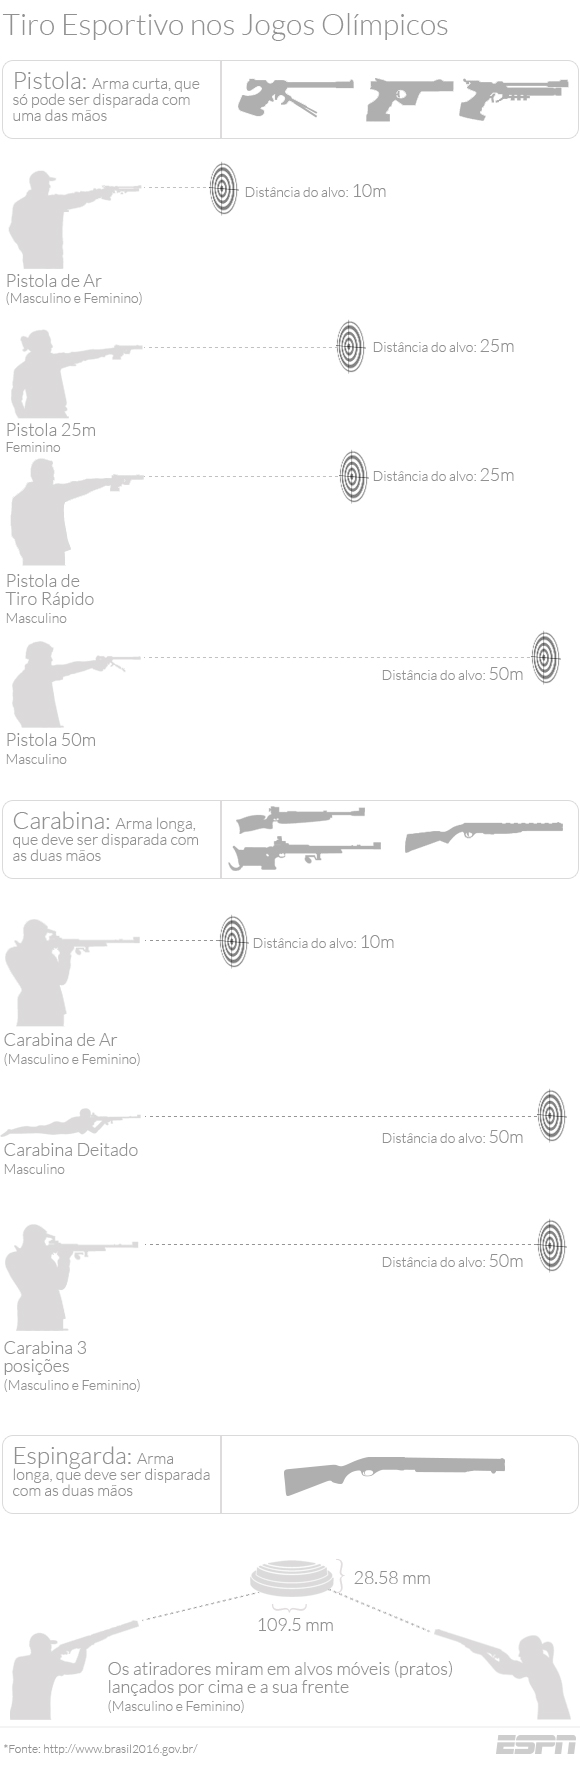 Lado B das Olimpíadas - tiro - info